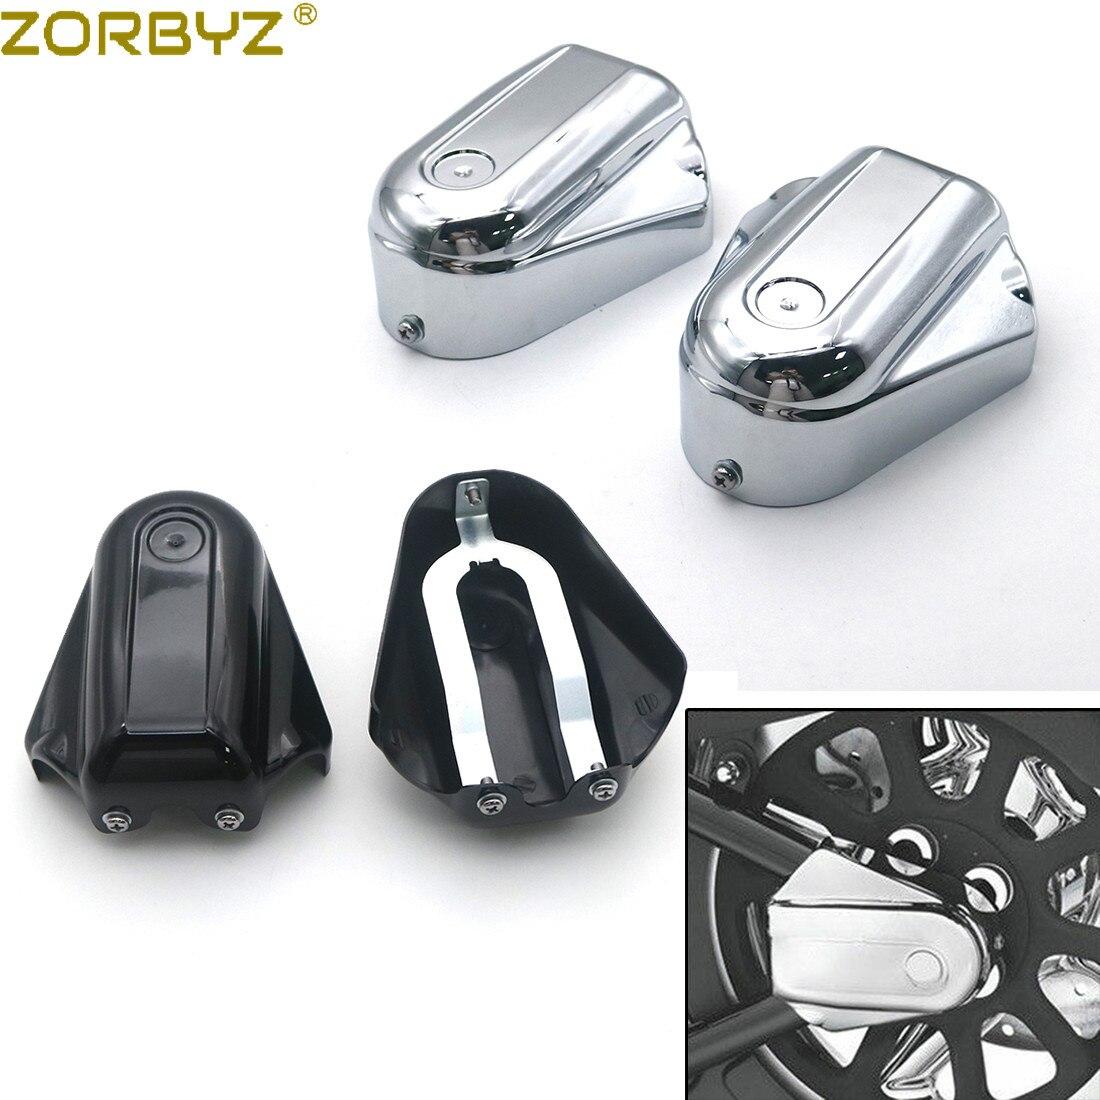 Zorbyz motocicleta preto/chrome bar escudo do eixo traseiro cobre swingarm tampa para harley softailslim flstn fxstb